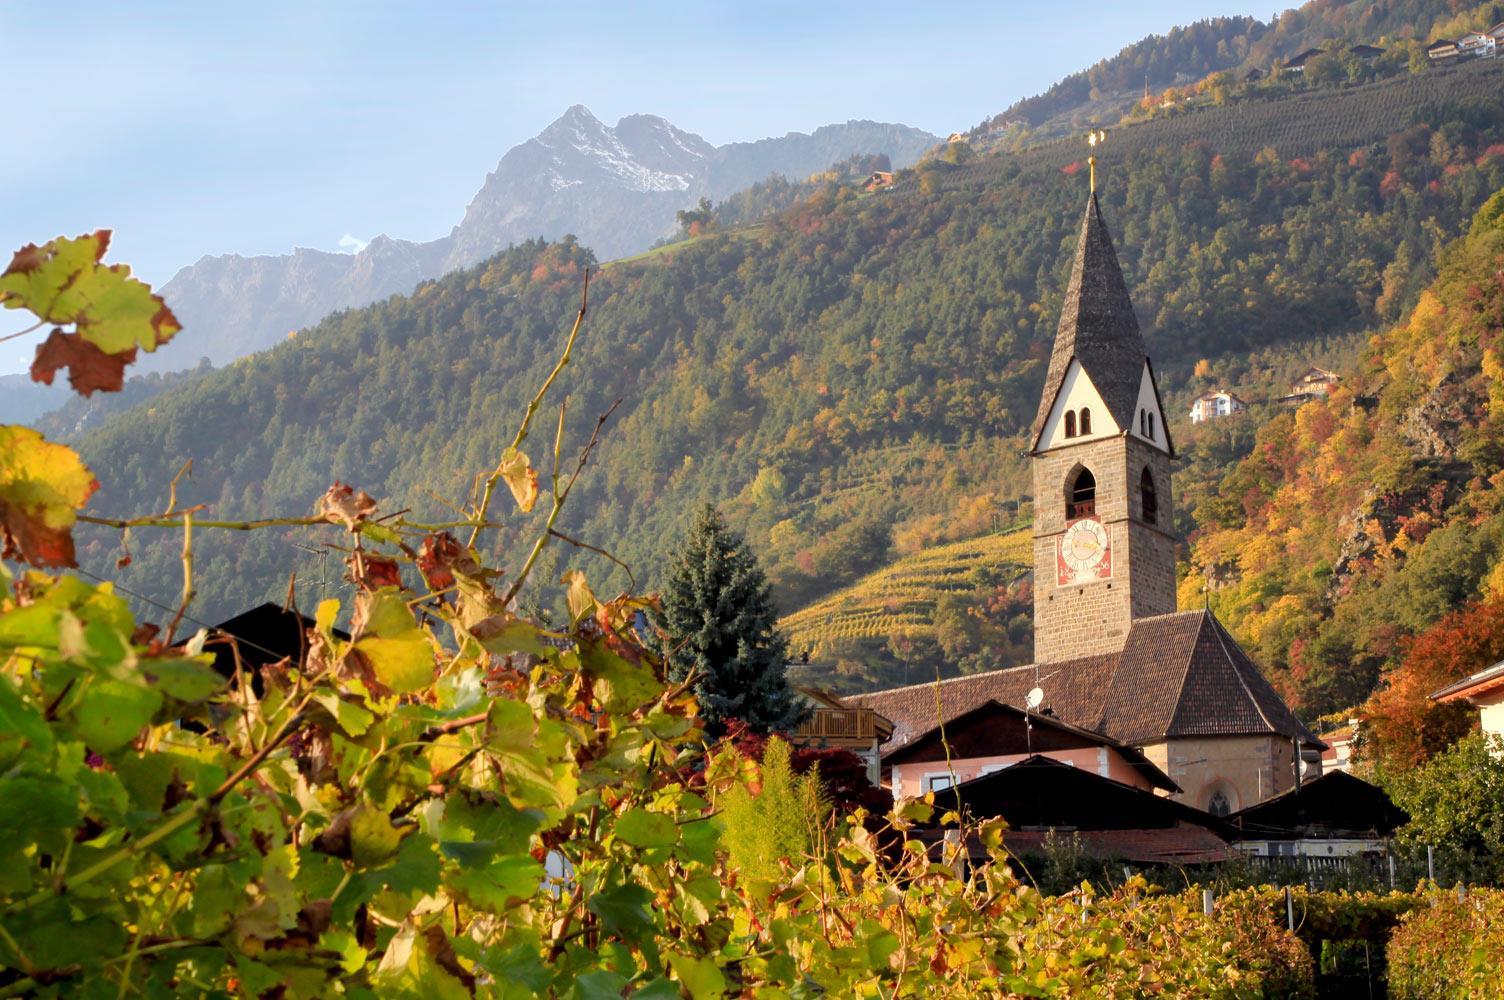 The Sant'Ippolito and Erardo Parish Church